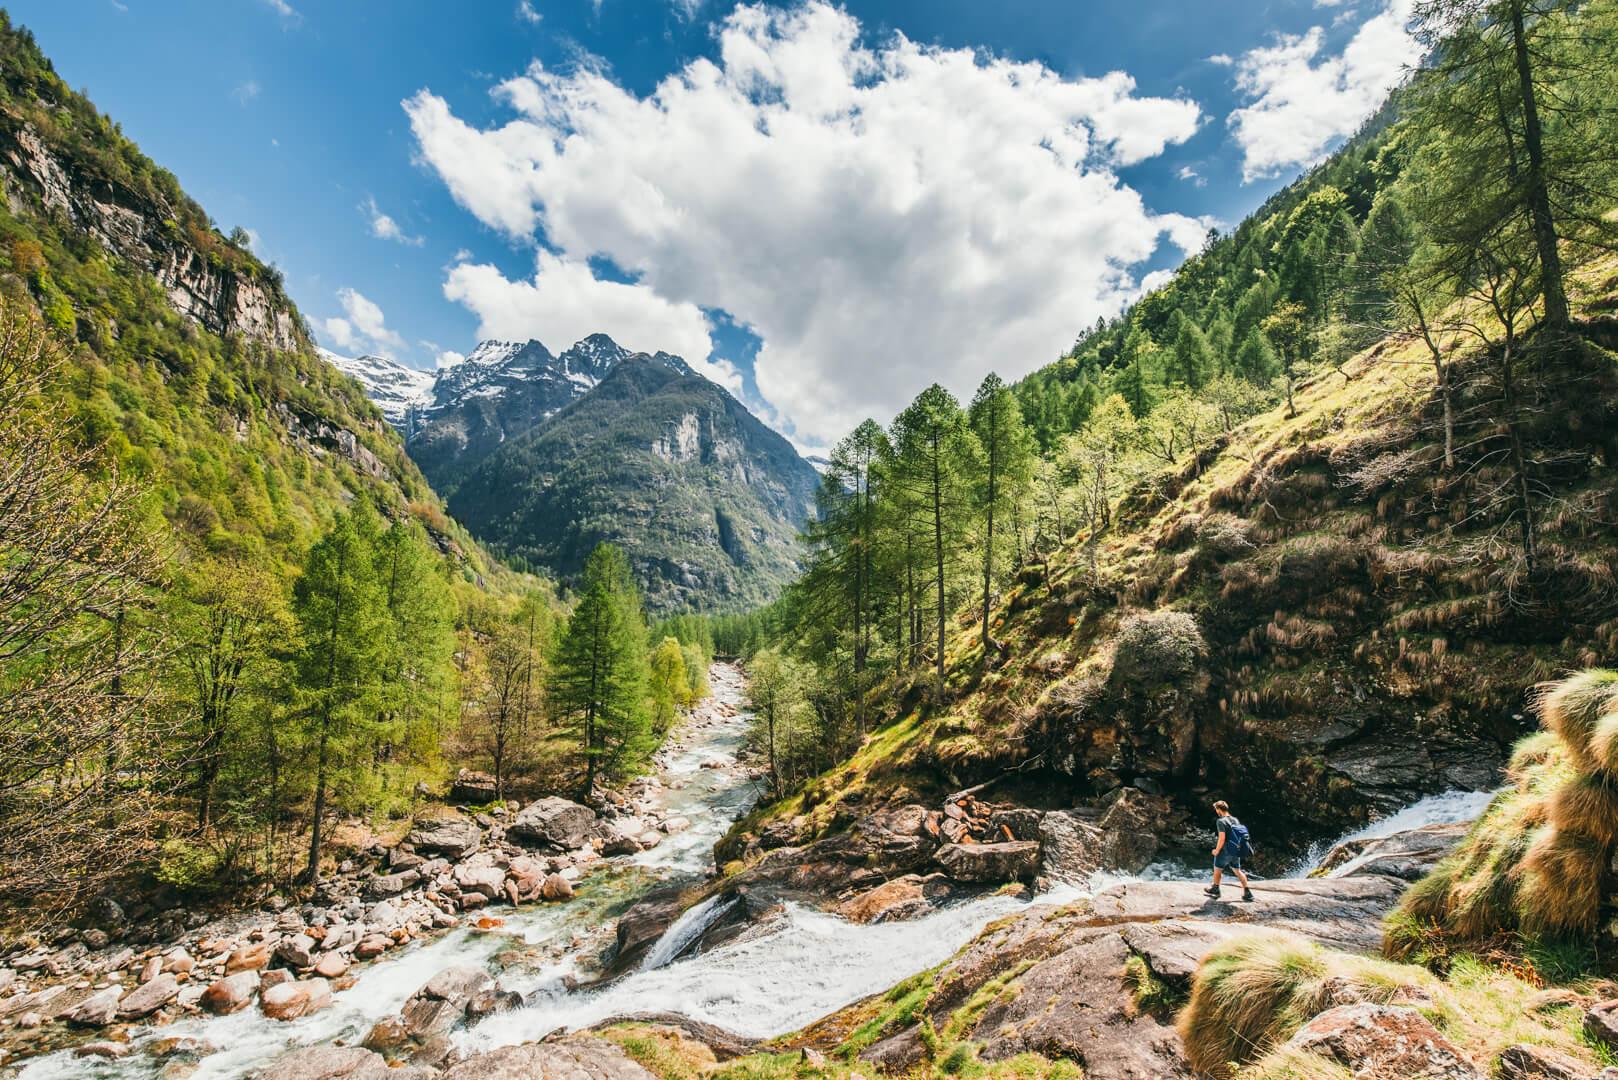 schweiz tessin verzasca-tal cascata-la-froda fluss mann wandern wolken